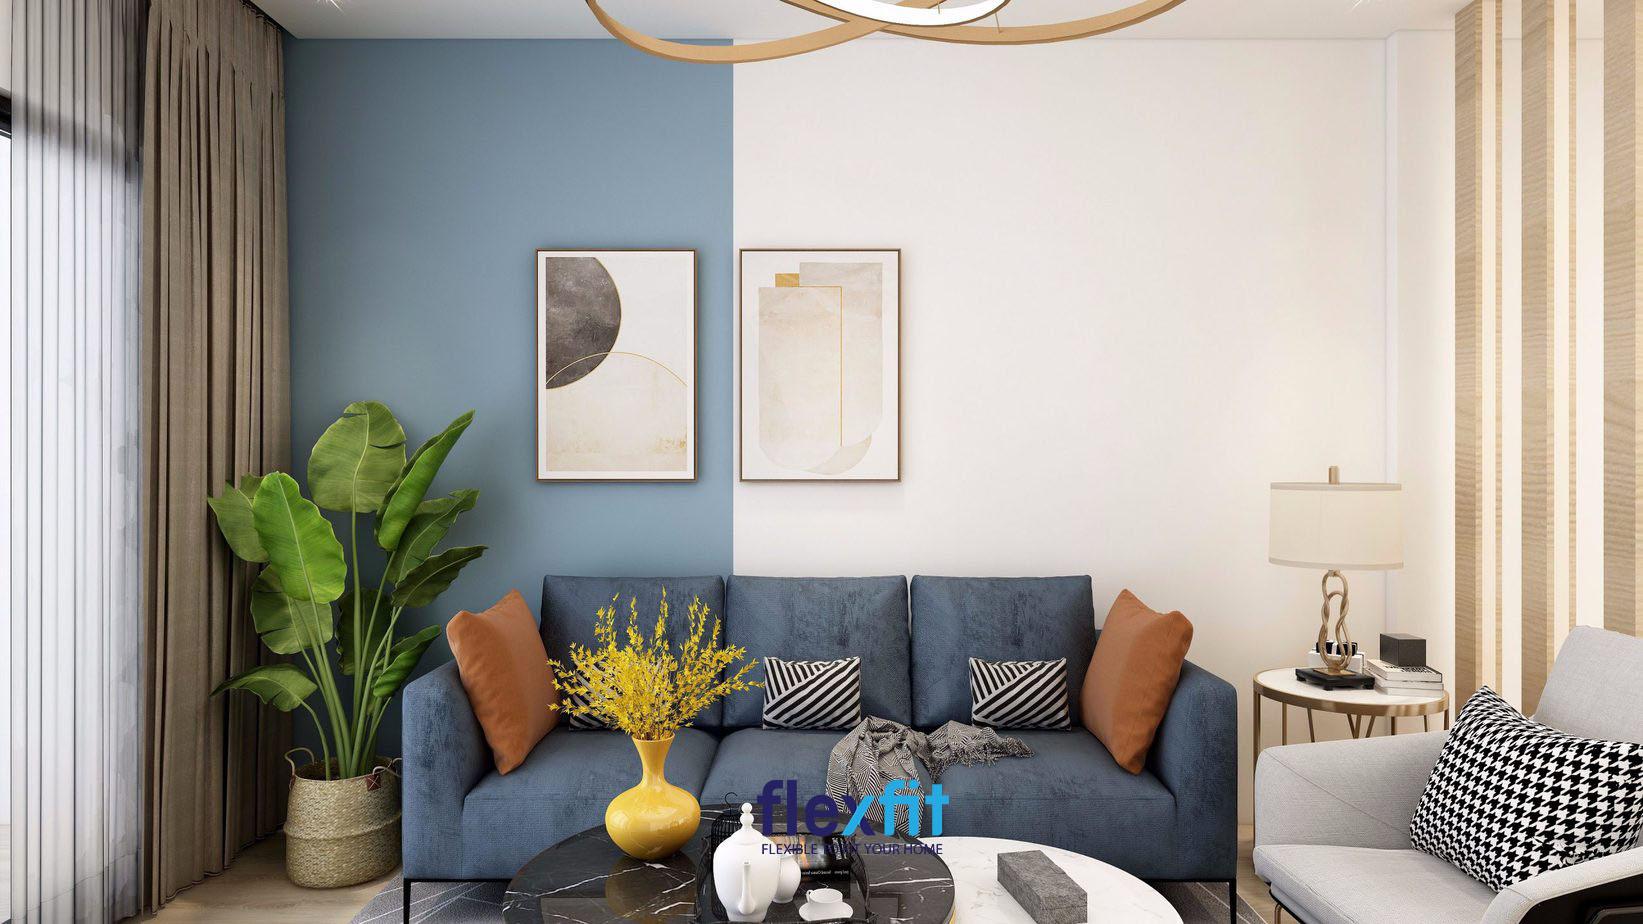 Gia chủ mệnh Hỏa nên đặt cây xanh trong phòng khách.